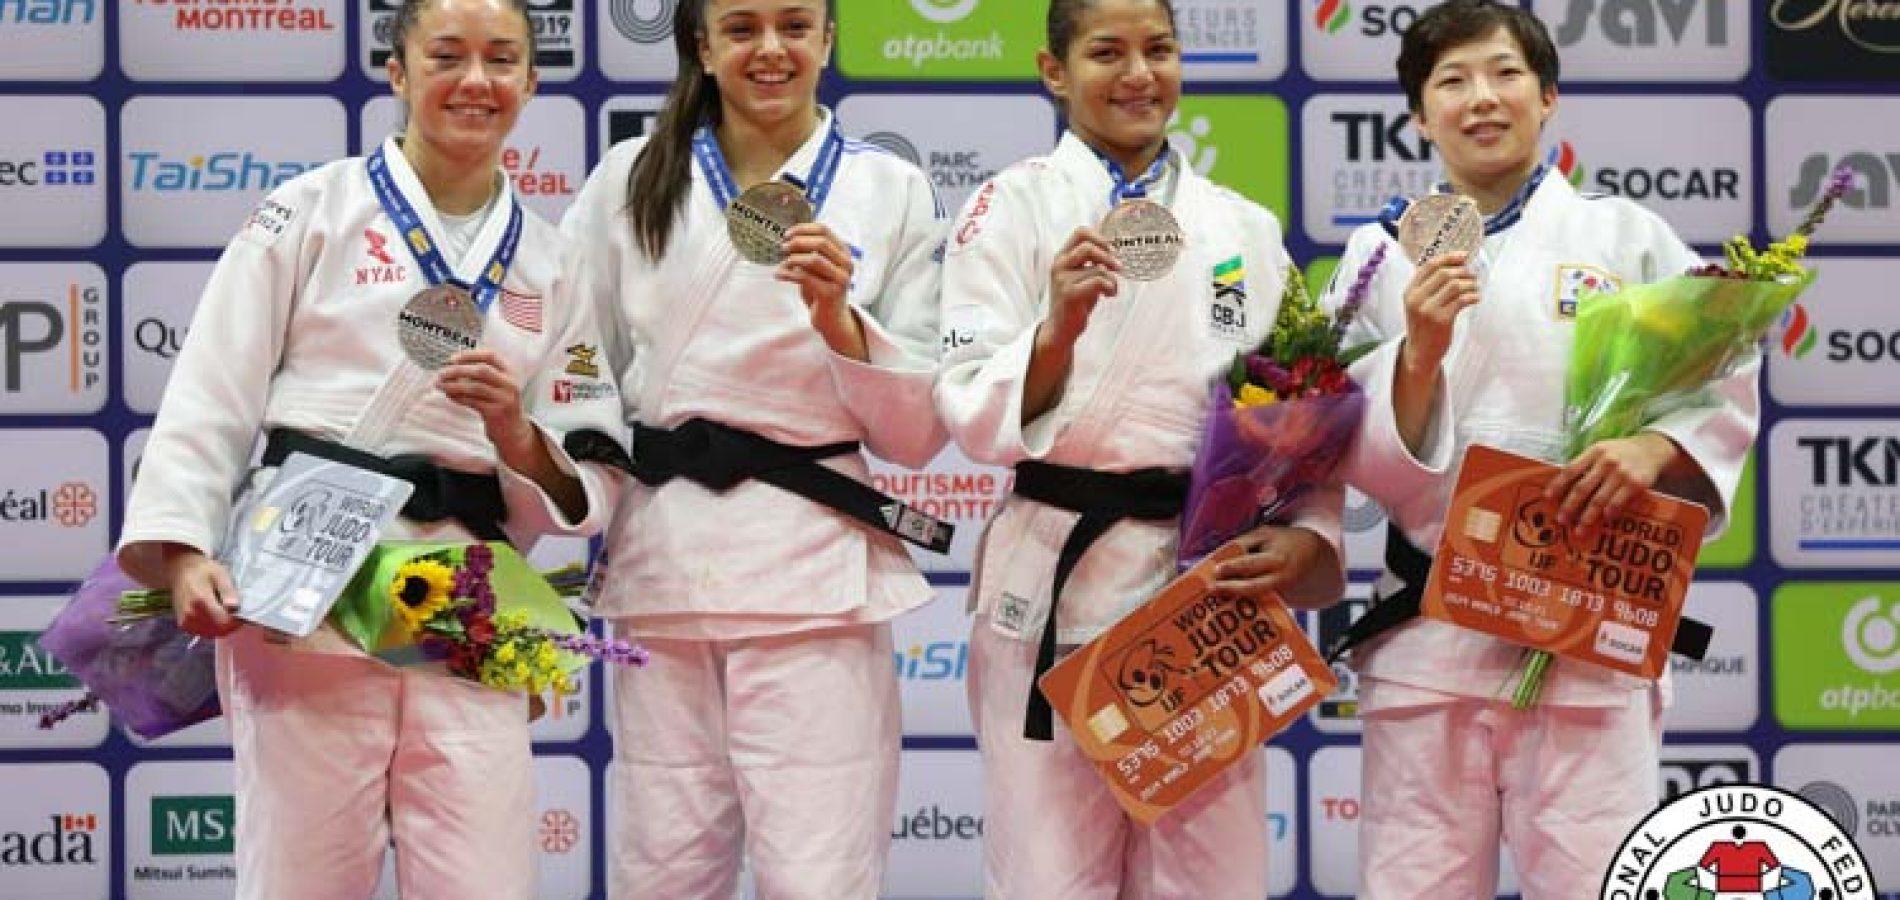 Piauiense conquista bronze no Canadá e volta ao pódio em Grand Prix